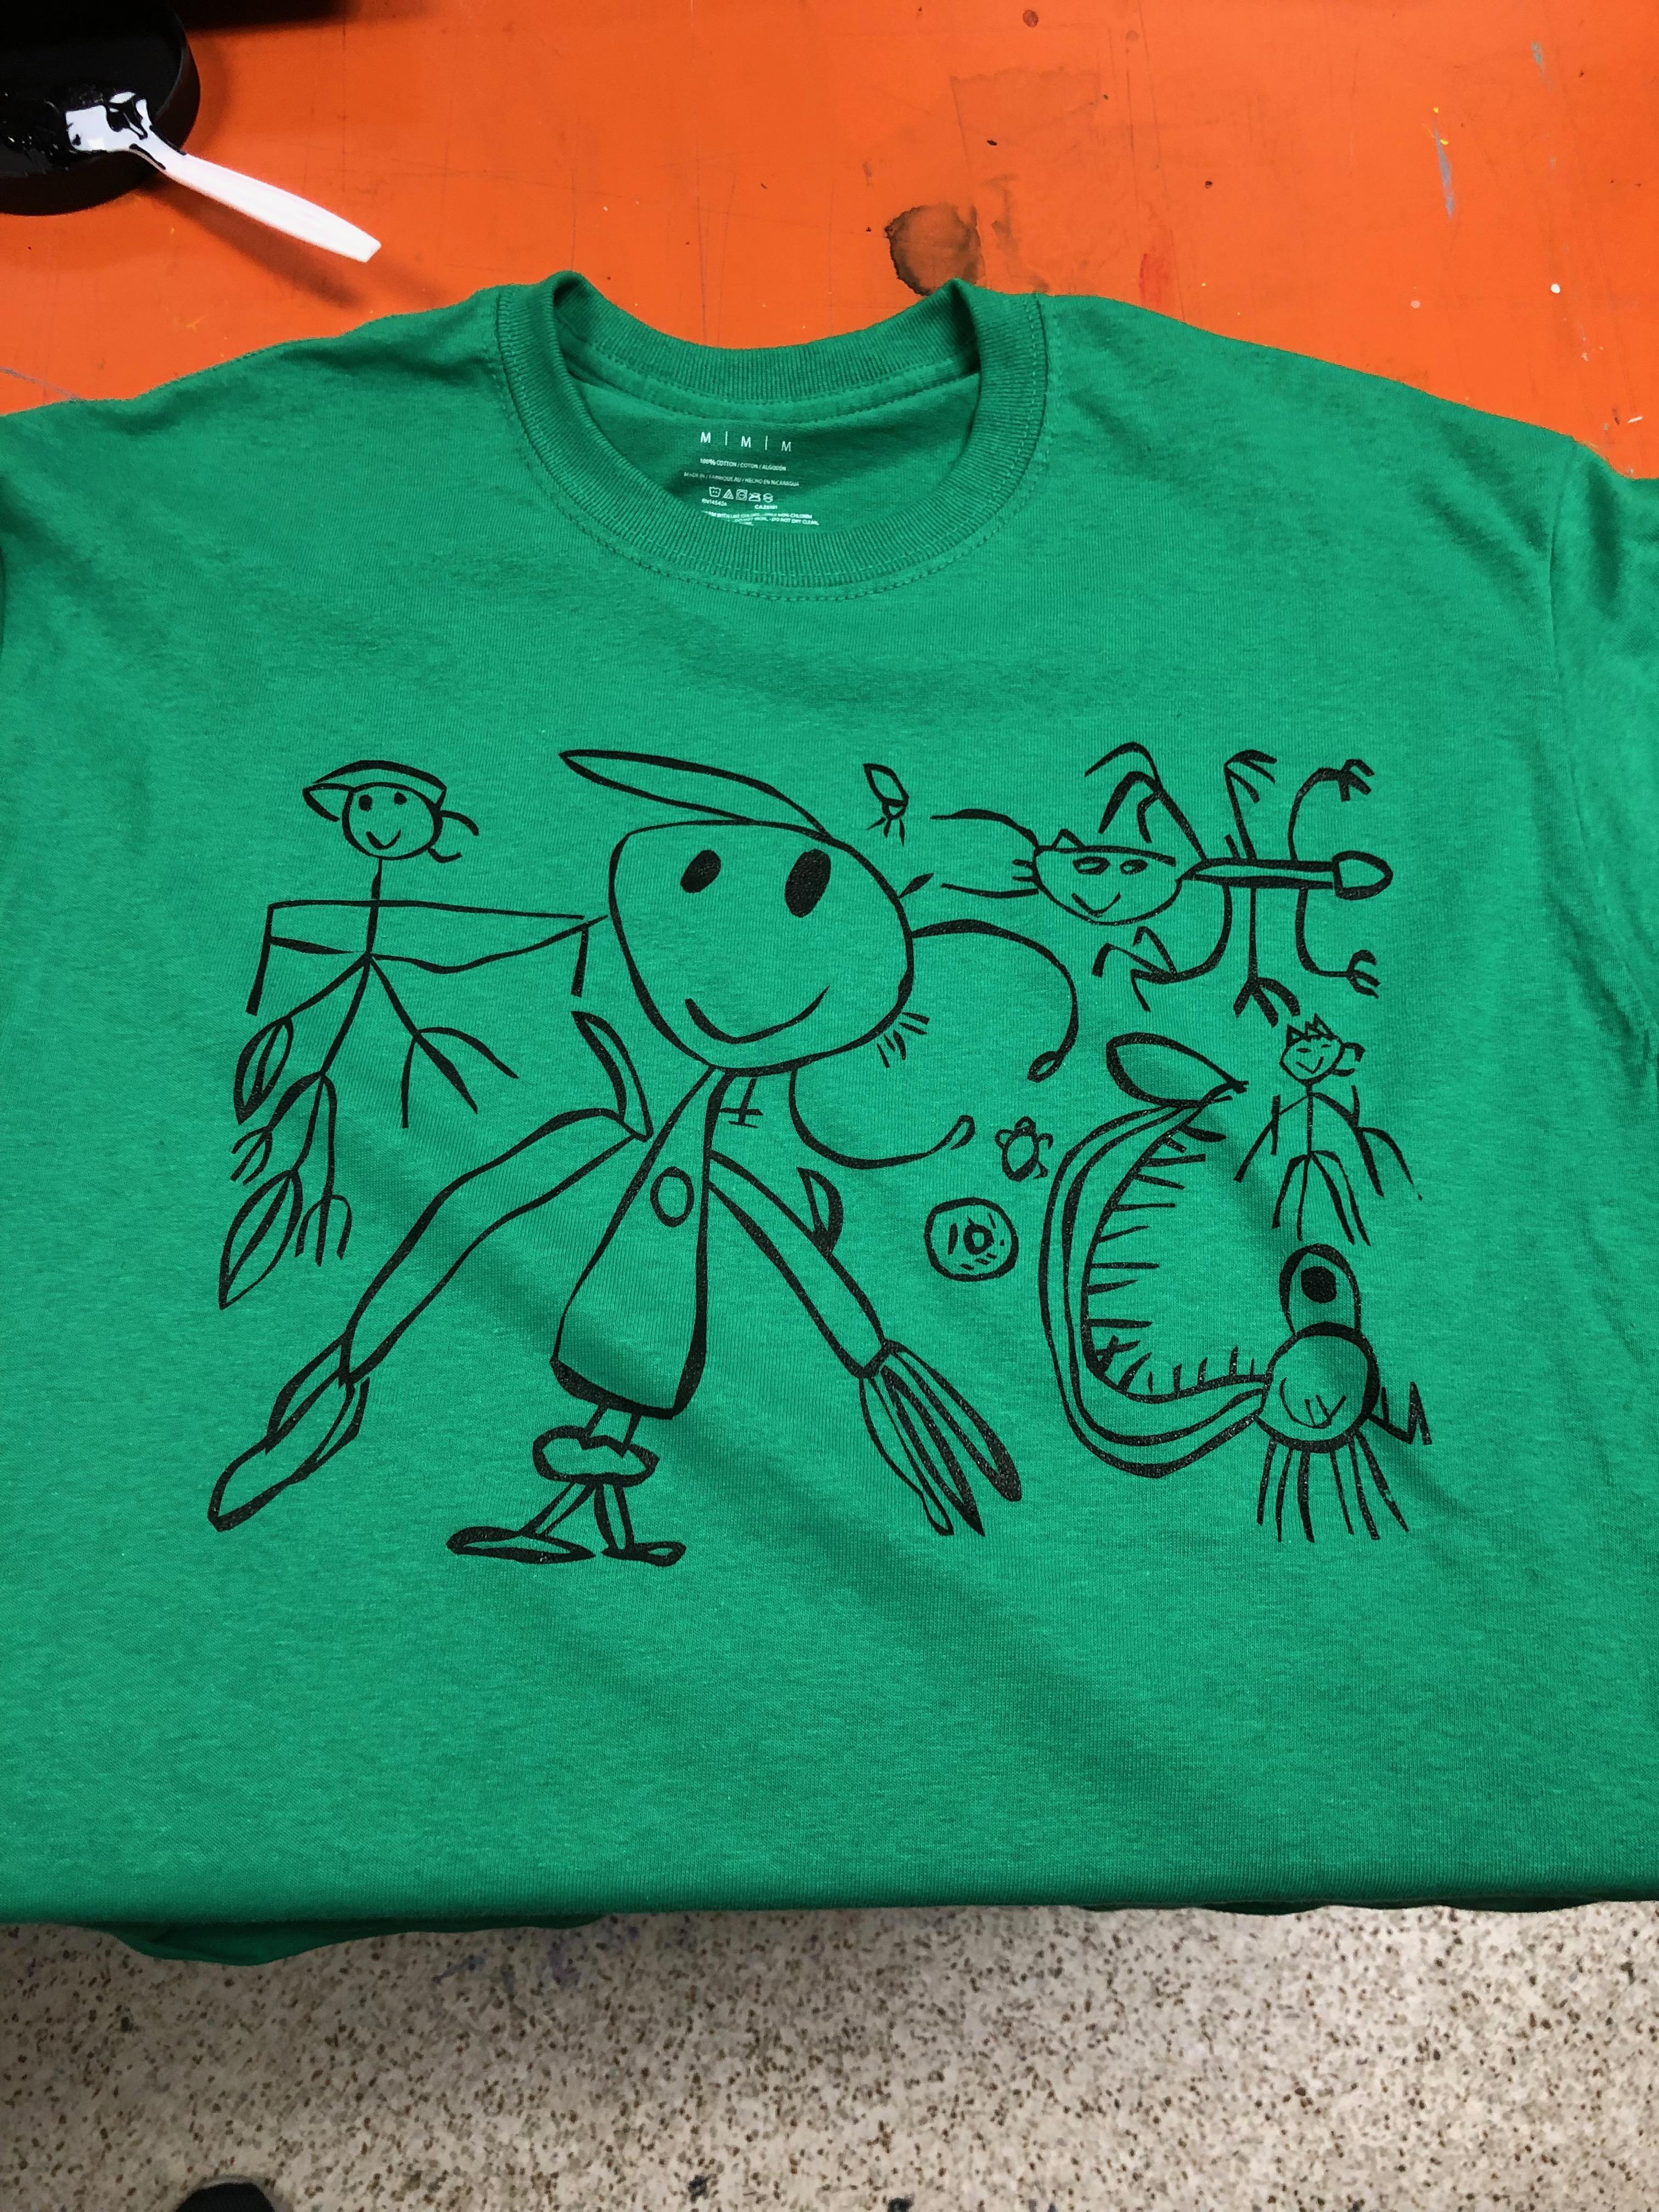 Art 2 Tshirt Designs